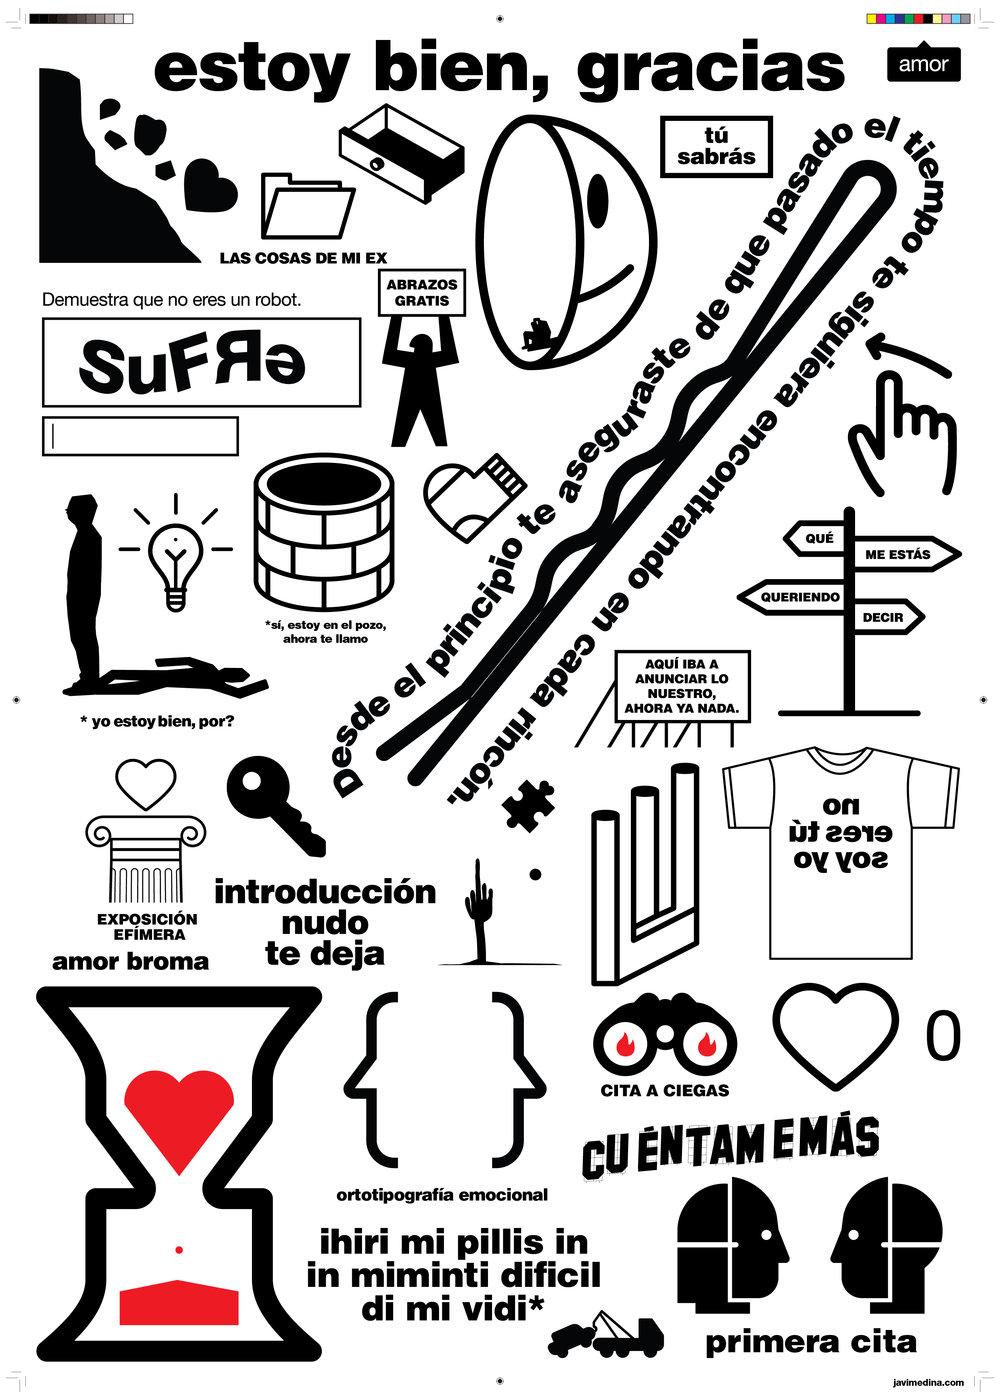 """cartel """"estoy bien gracias"""" 2017"""